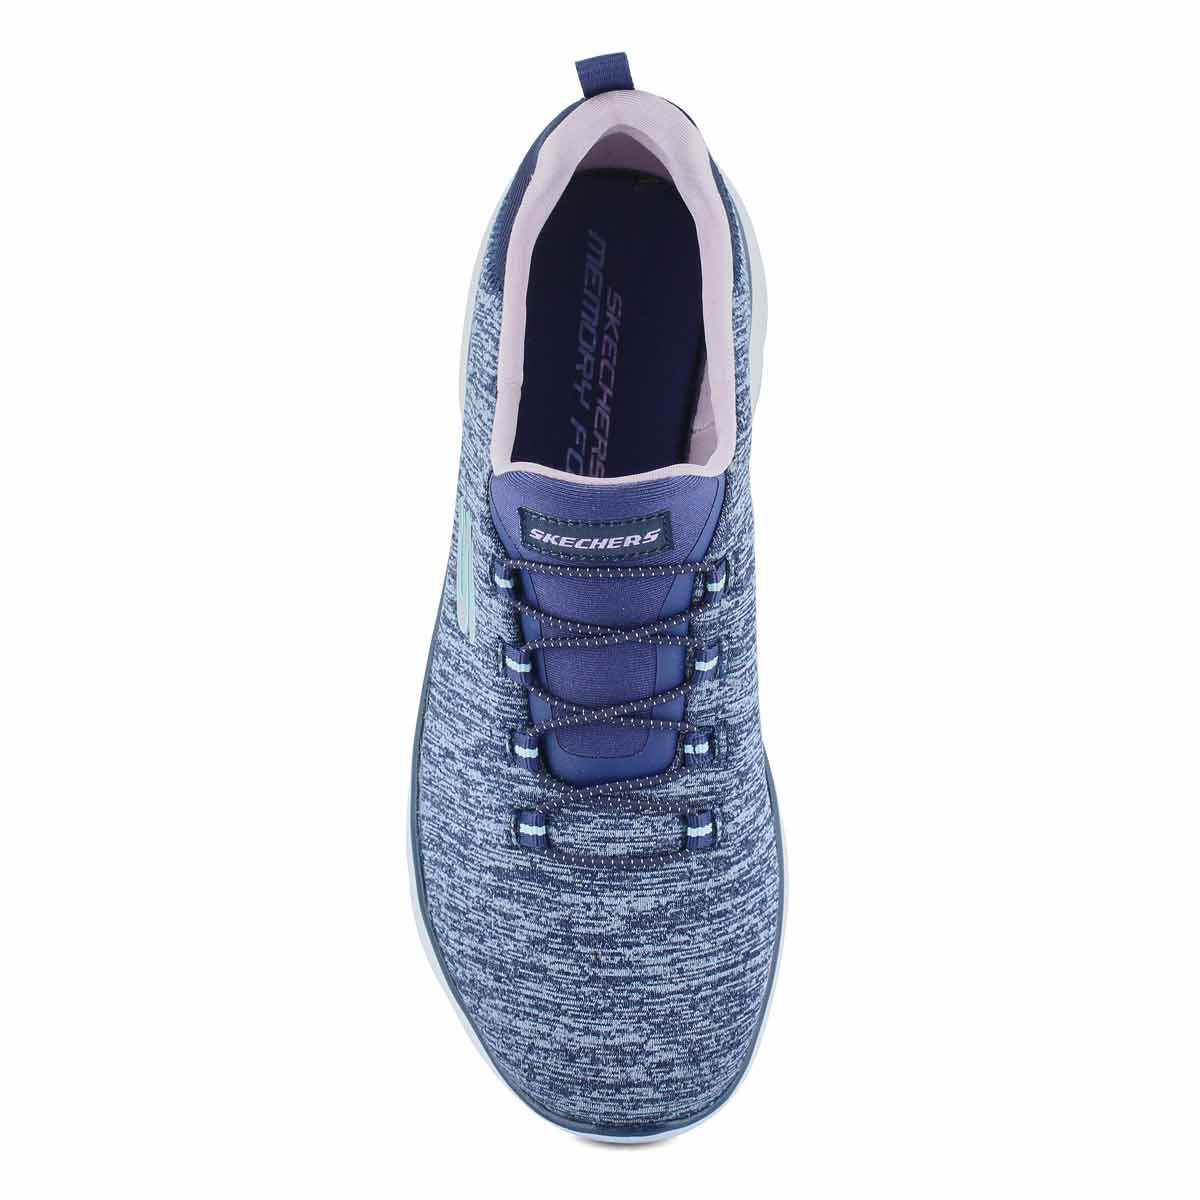 Women's Quick Getaway Sneaker - Navy/Pink